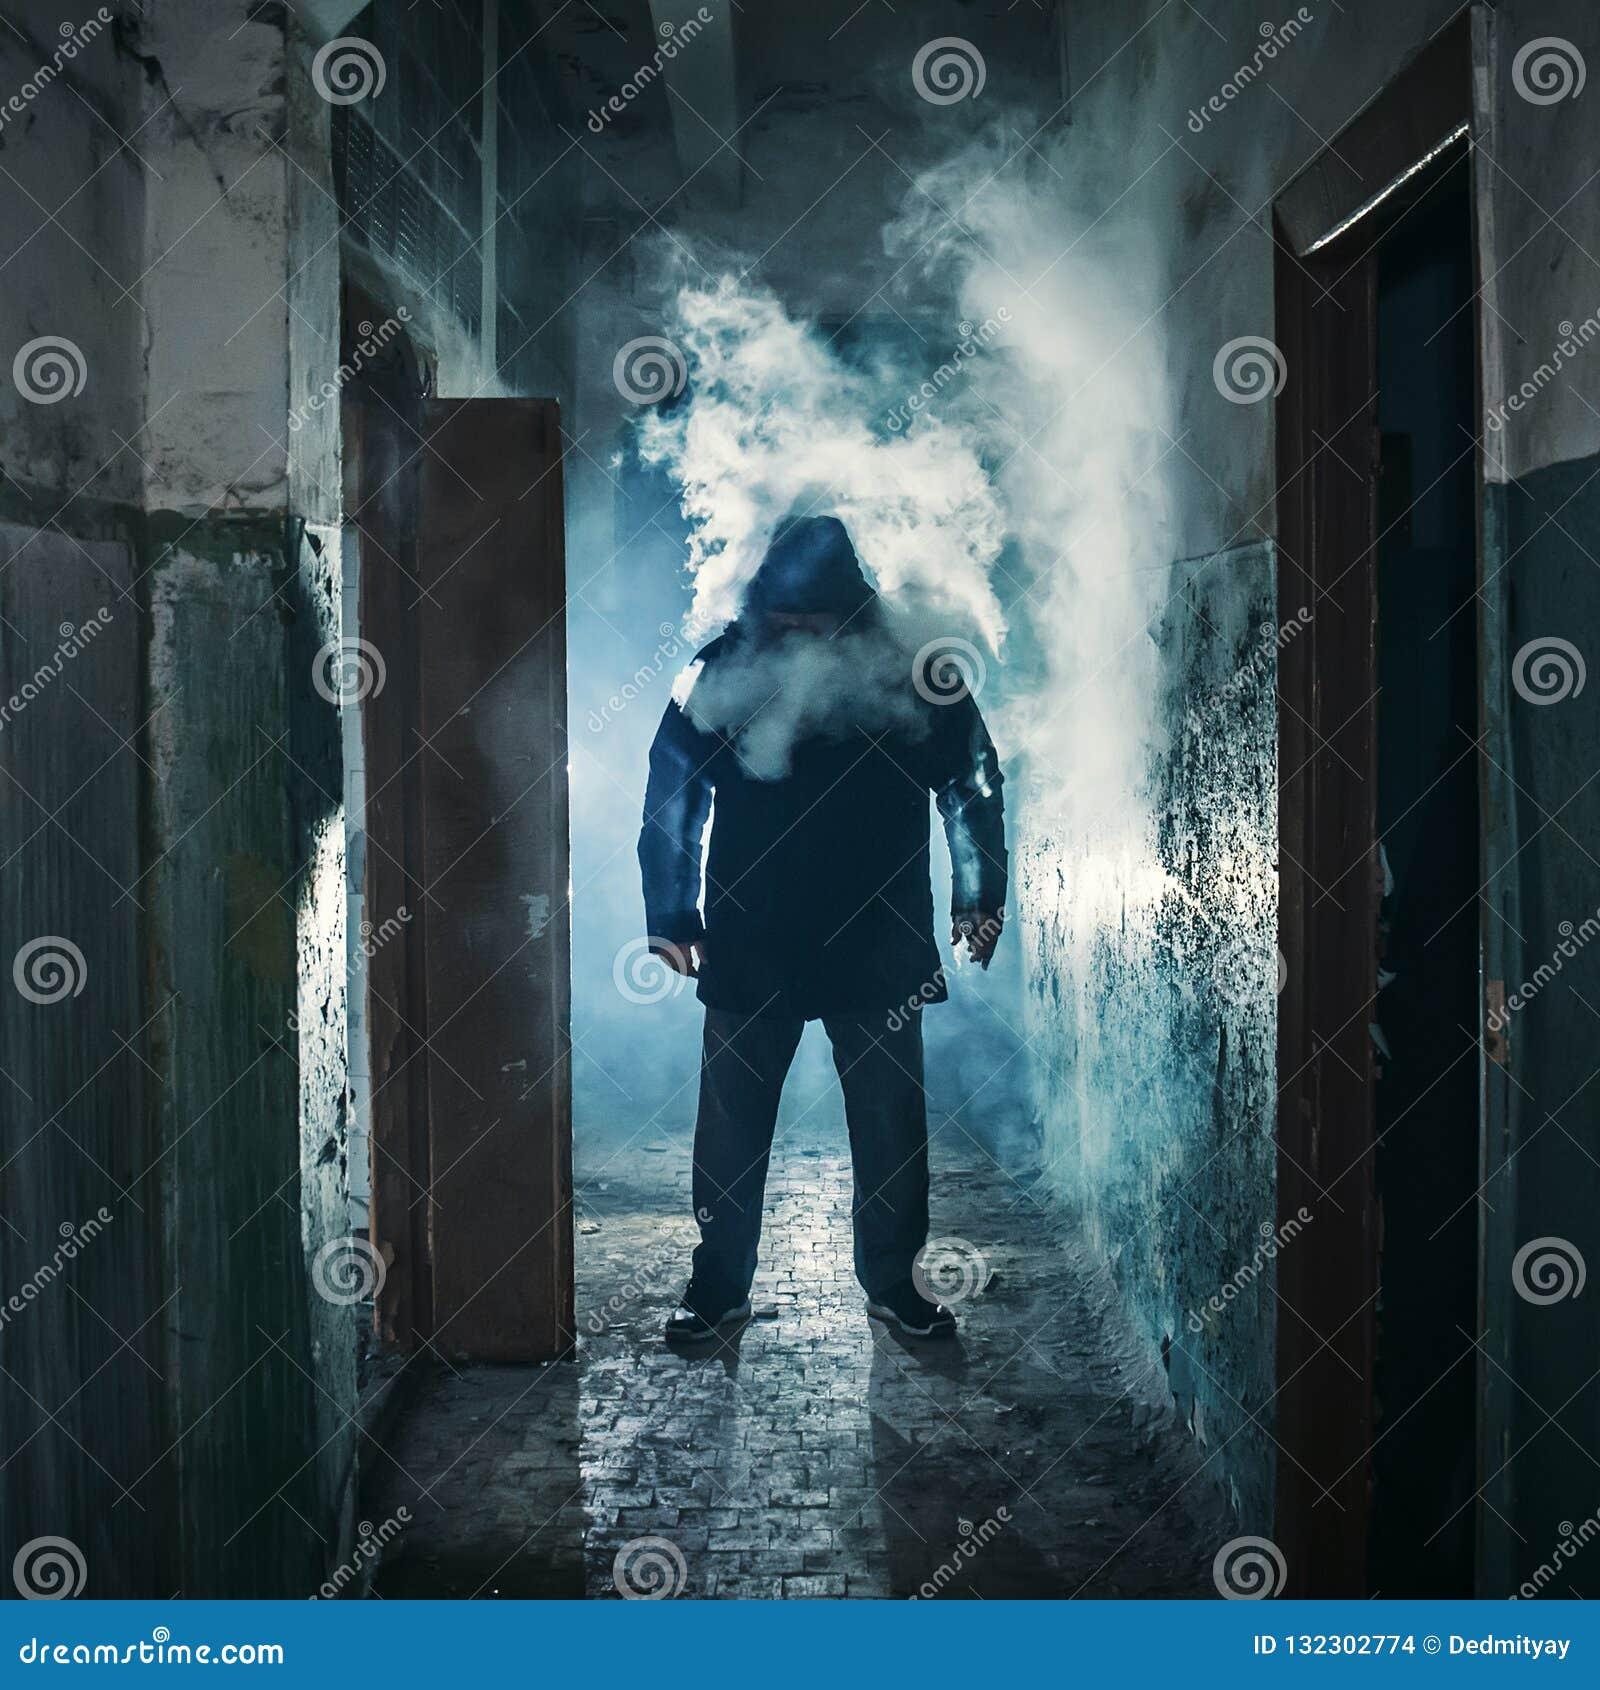 Kontur av mannen i mörk kuslig korridor i moln av vapeånga- eller dunströk, gåtafasaatmosfär